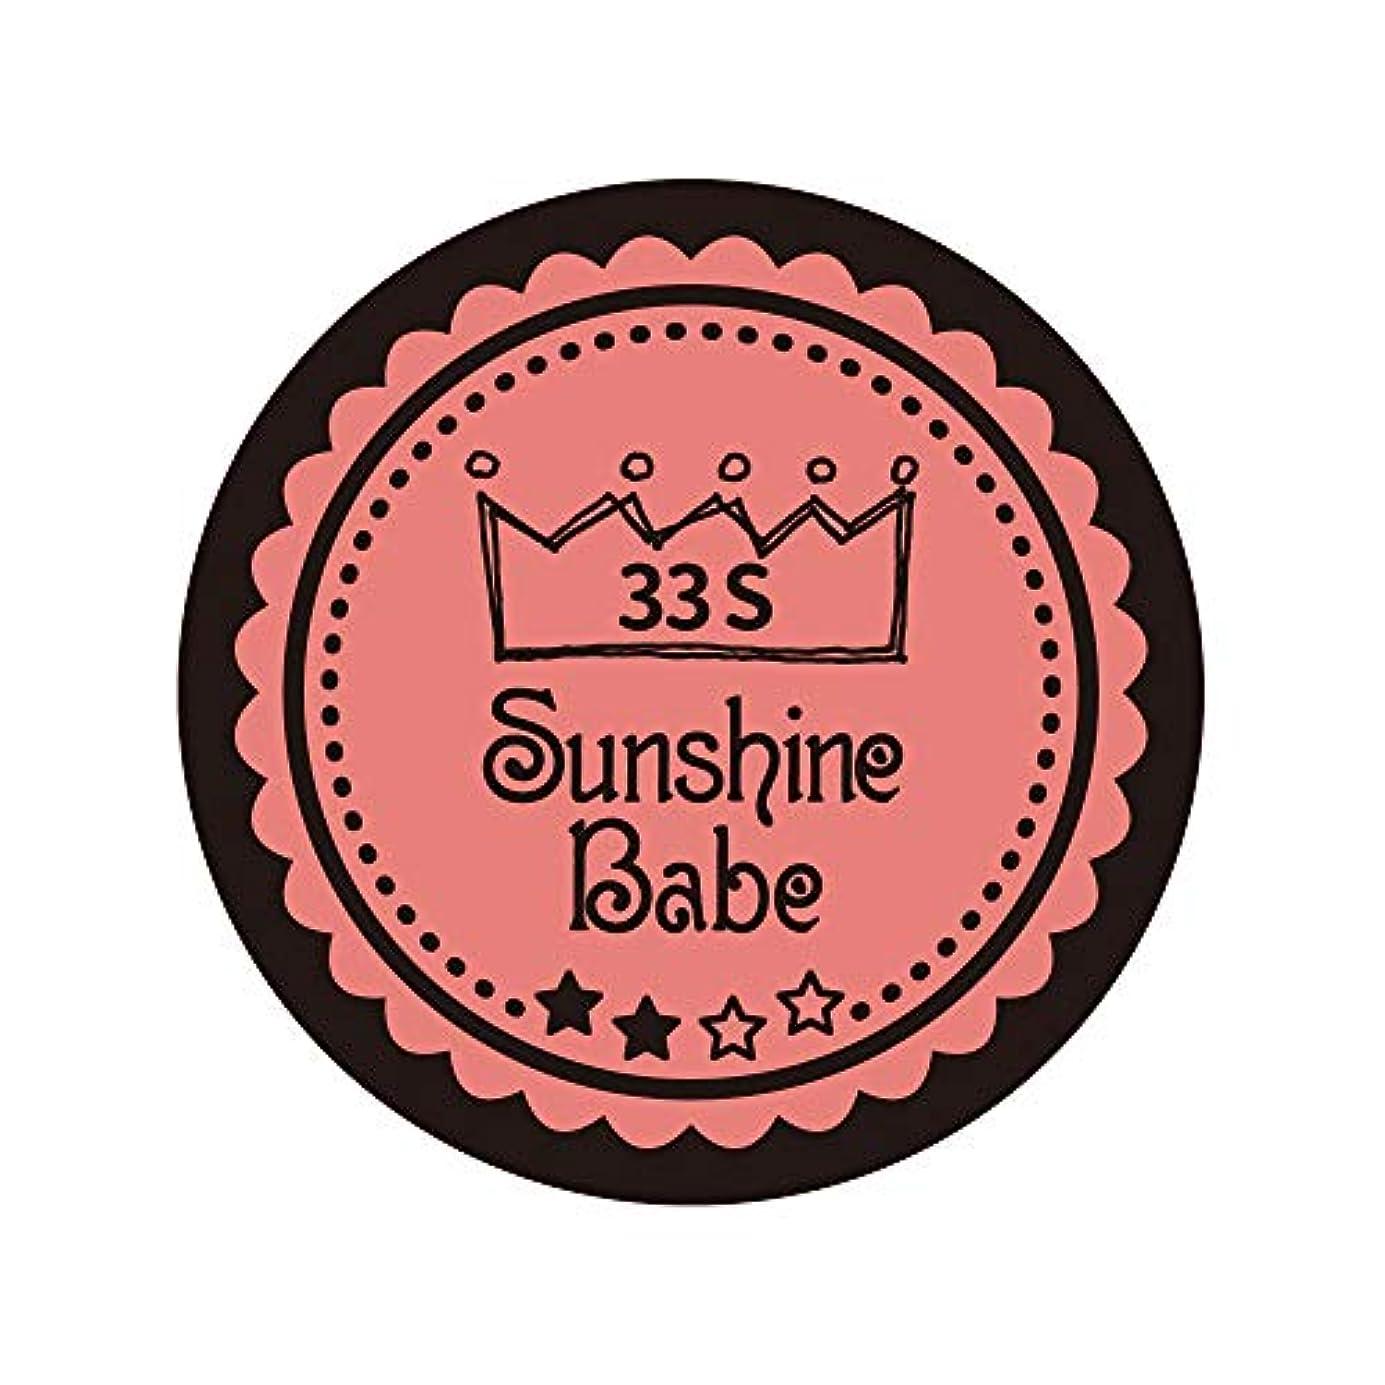 酔う二次追い越すSunshine Babe カラージェル 33S ベイクドコーラルピンク 4g UV/LED対応